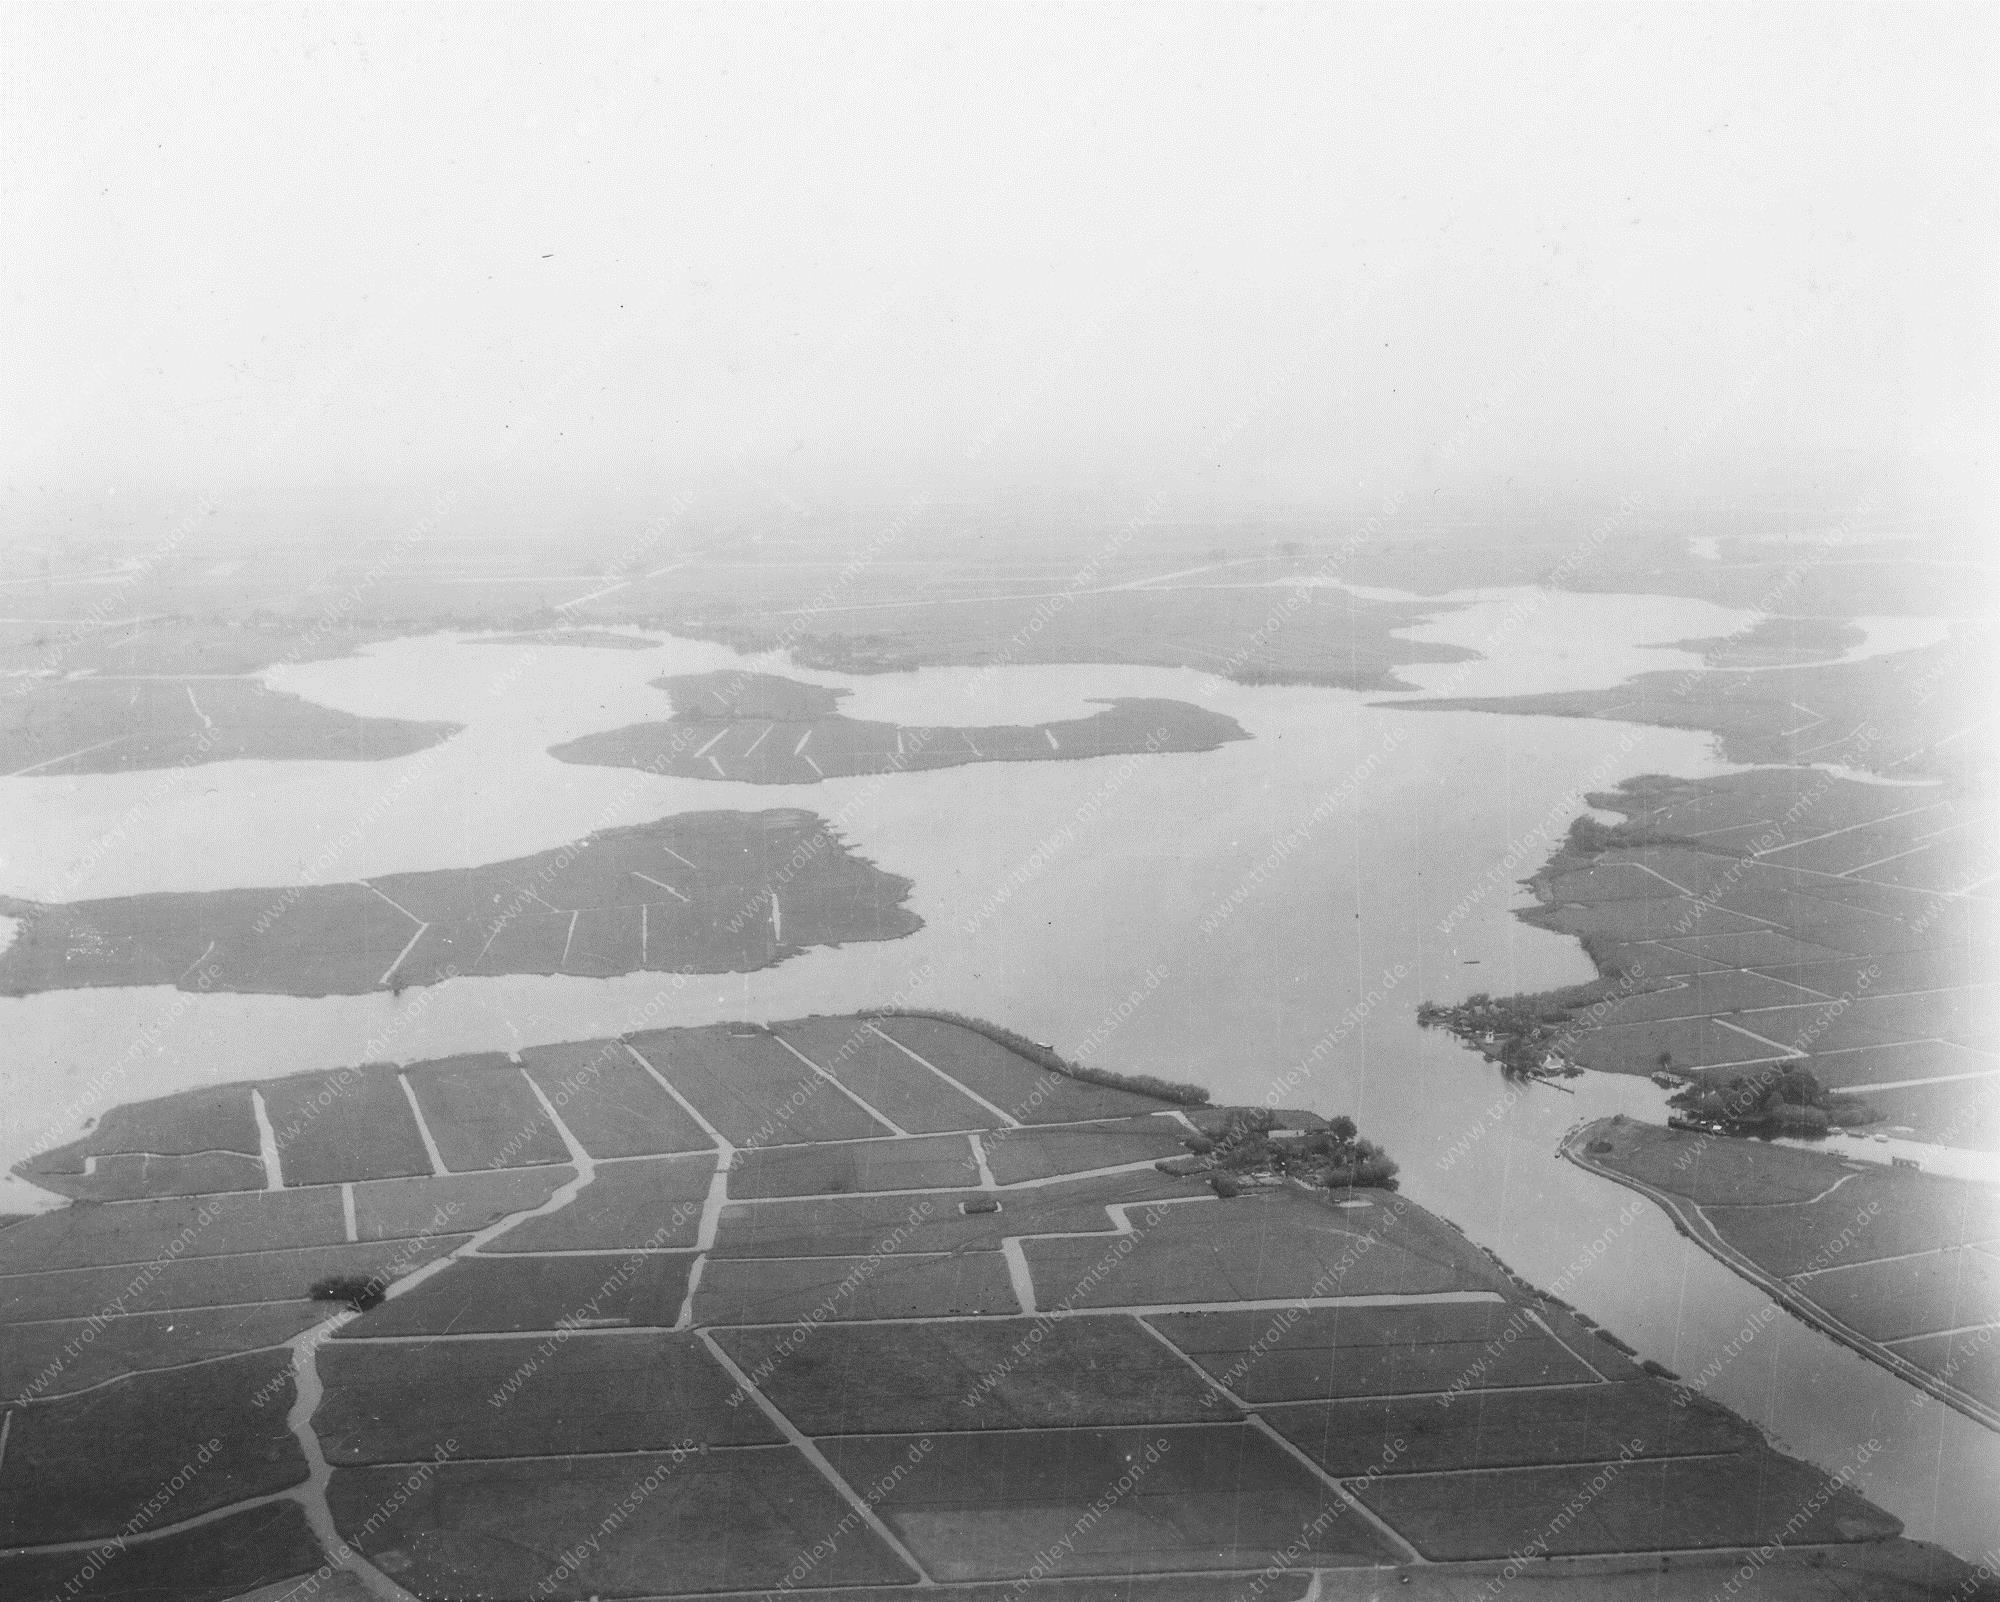 Luftbild der Kaager Seen im Nordosten von Leiden (Niederlande)